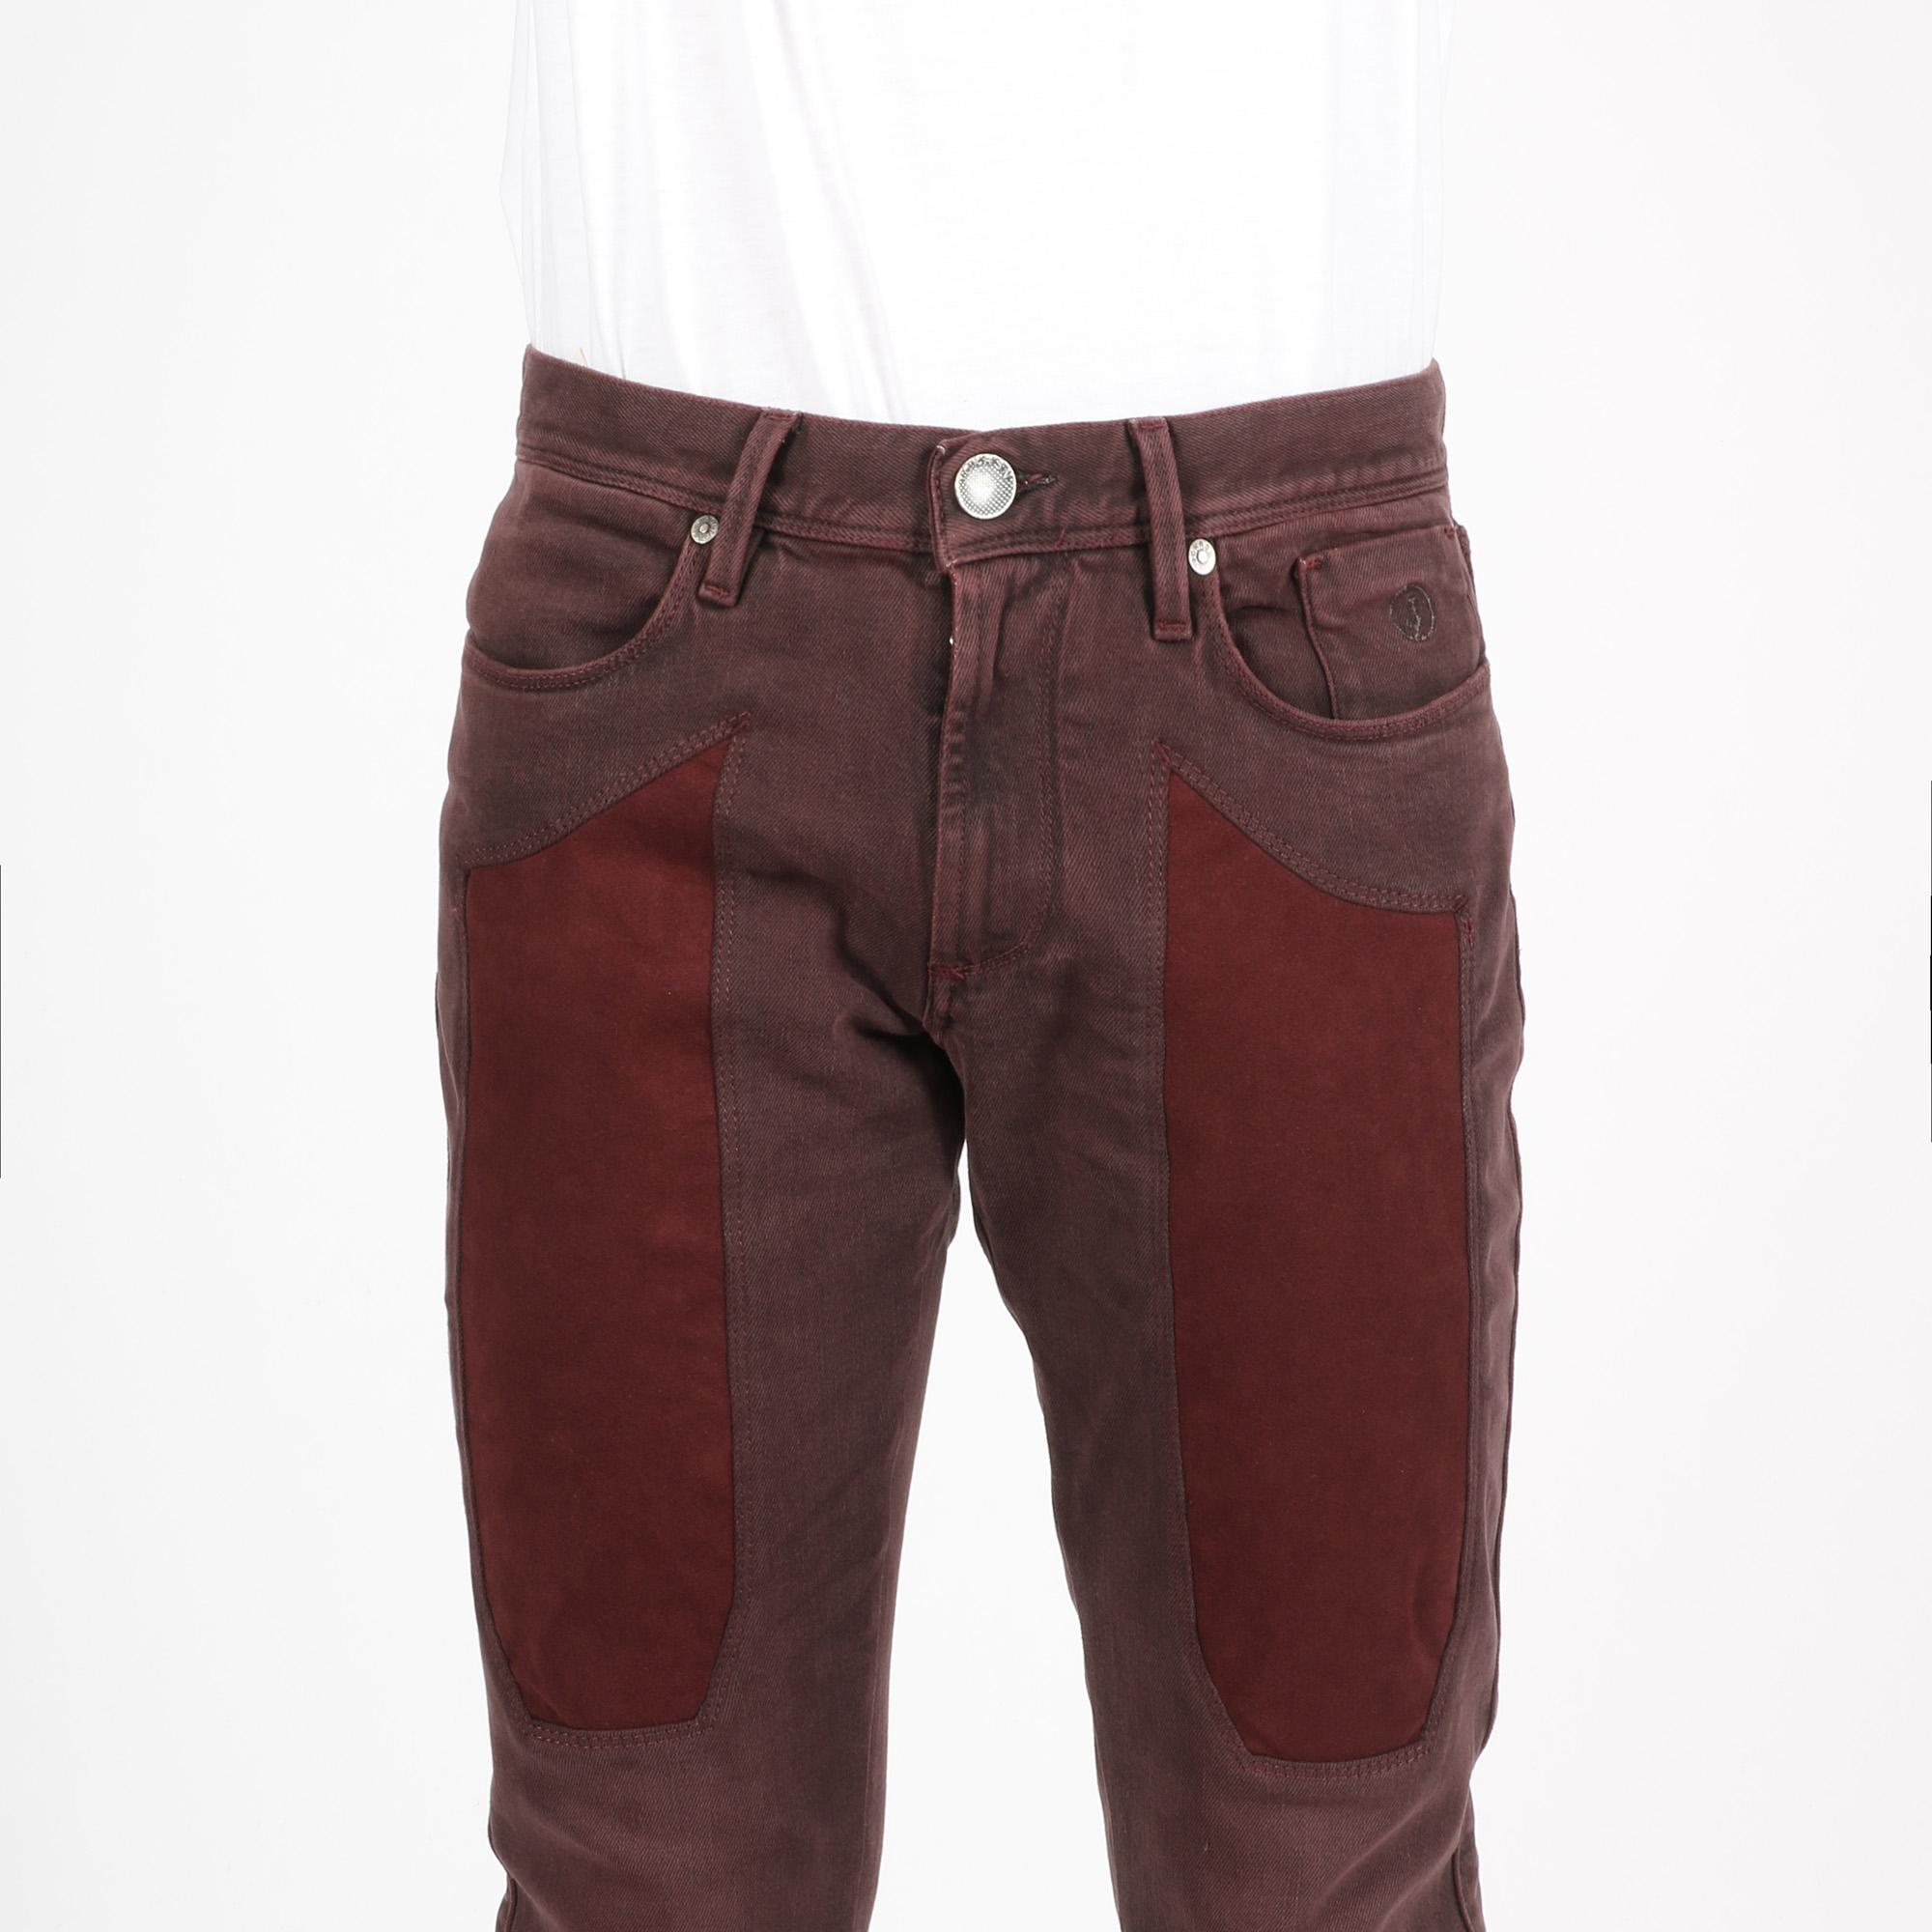 Jeans toppa bordeaux - Bordeaux